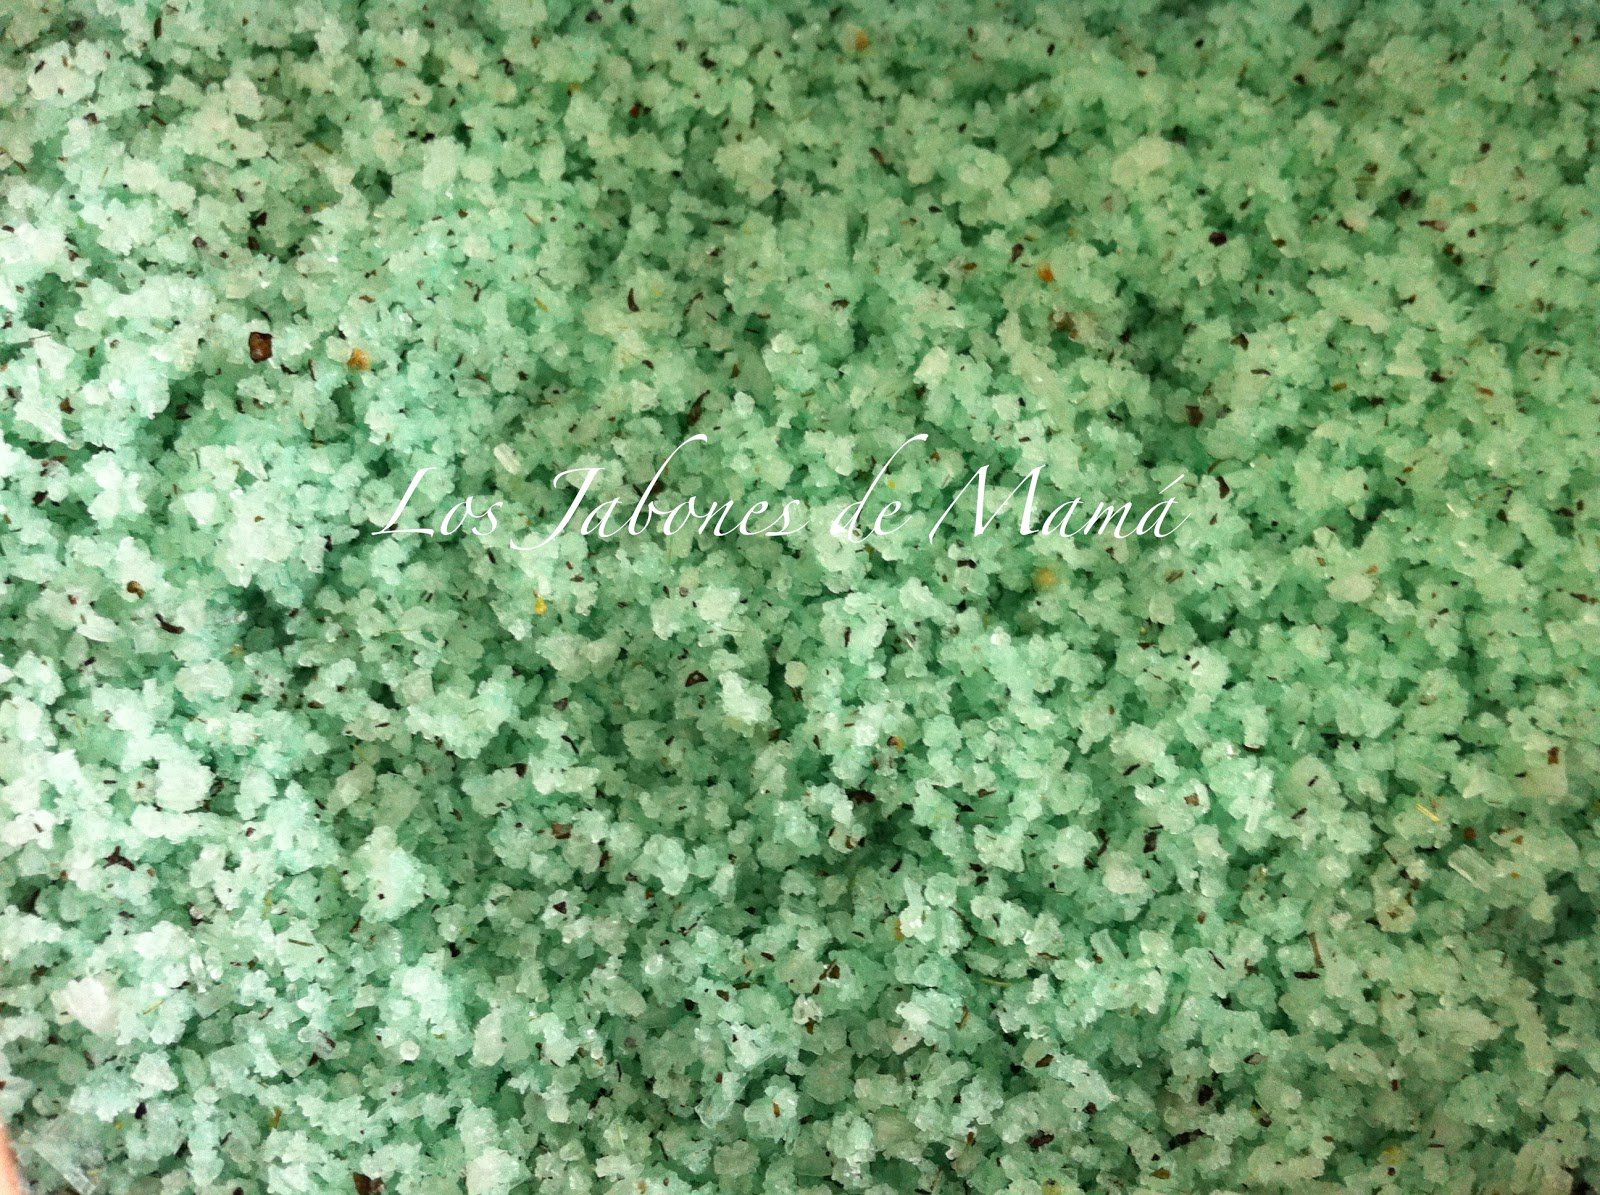 Baños Color Verde Limon:Los Jabones de Mamá: Sales de Baño de Té Verde, Limón y Menta